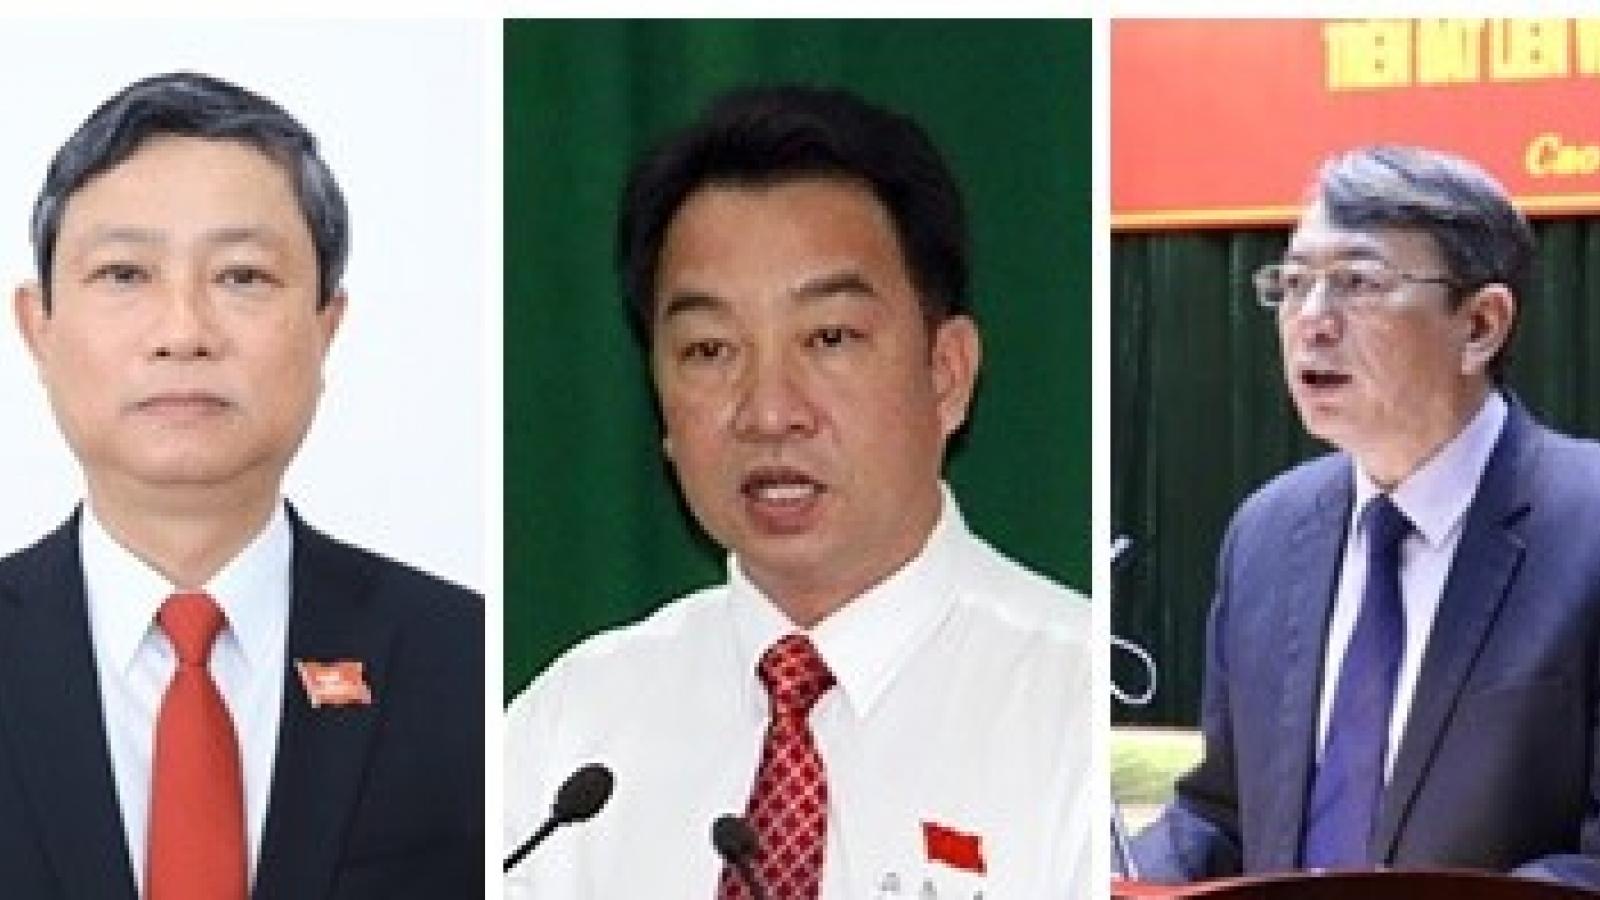 Phê chuẩn Chủ tịch, Phó Chủ tịch UBND tỉnh Bình Dương, Vĩnh Long, Cao Bằng